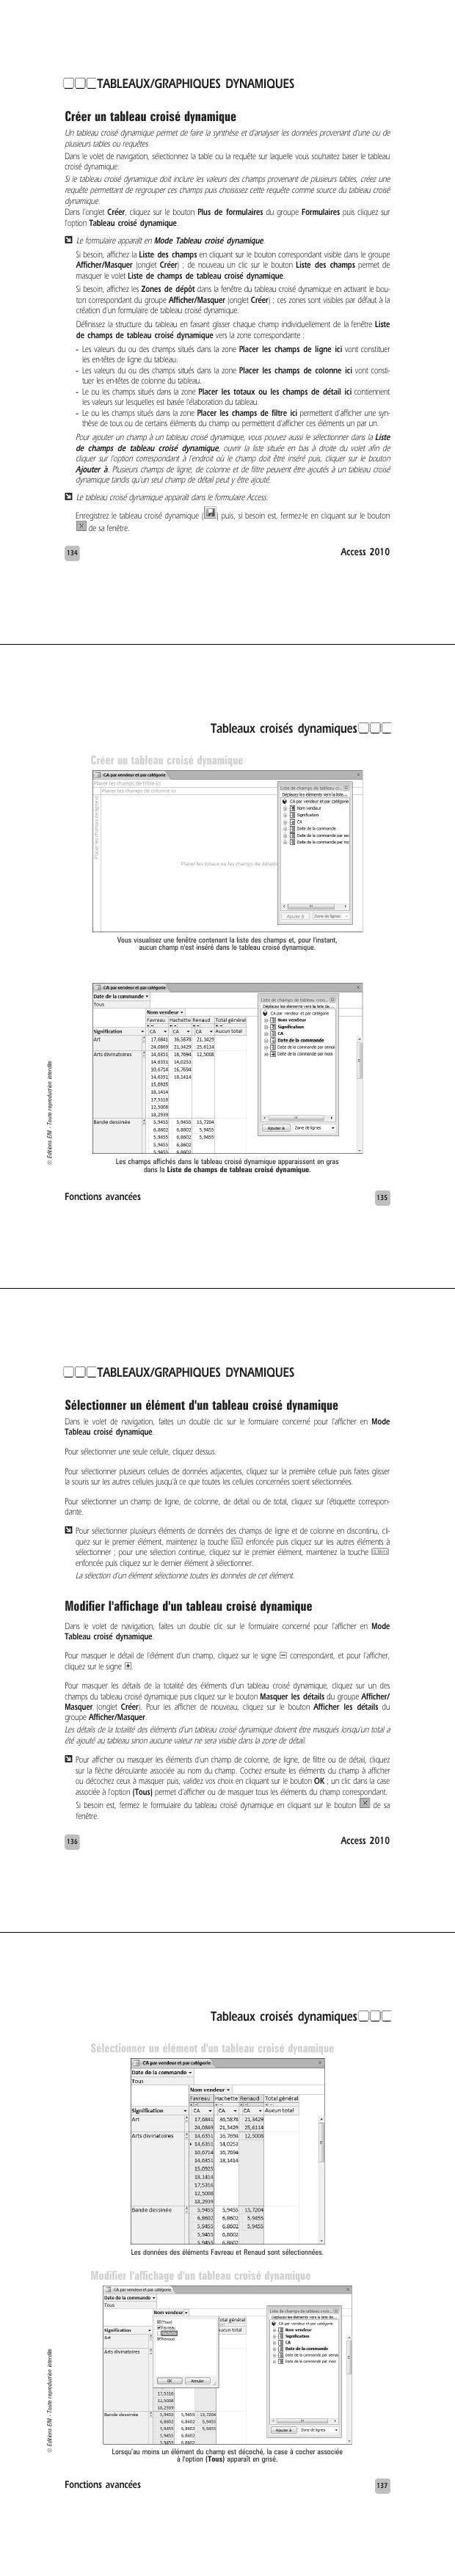 Pdf Apprendre A Utiliser Les Tableaux Croises Dynamiques Pdf Cours Excel